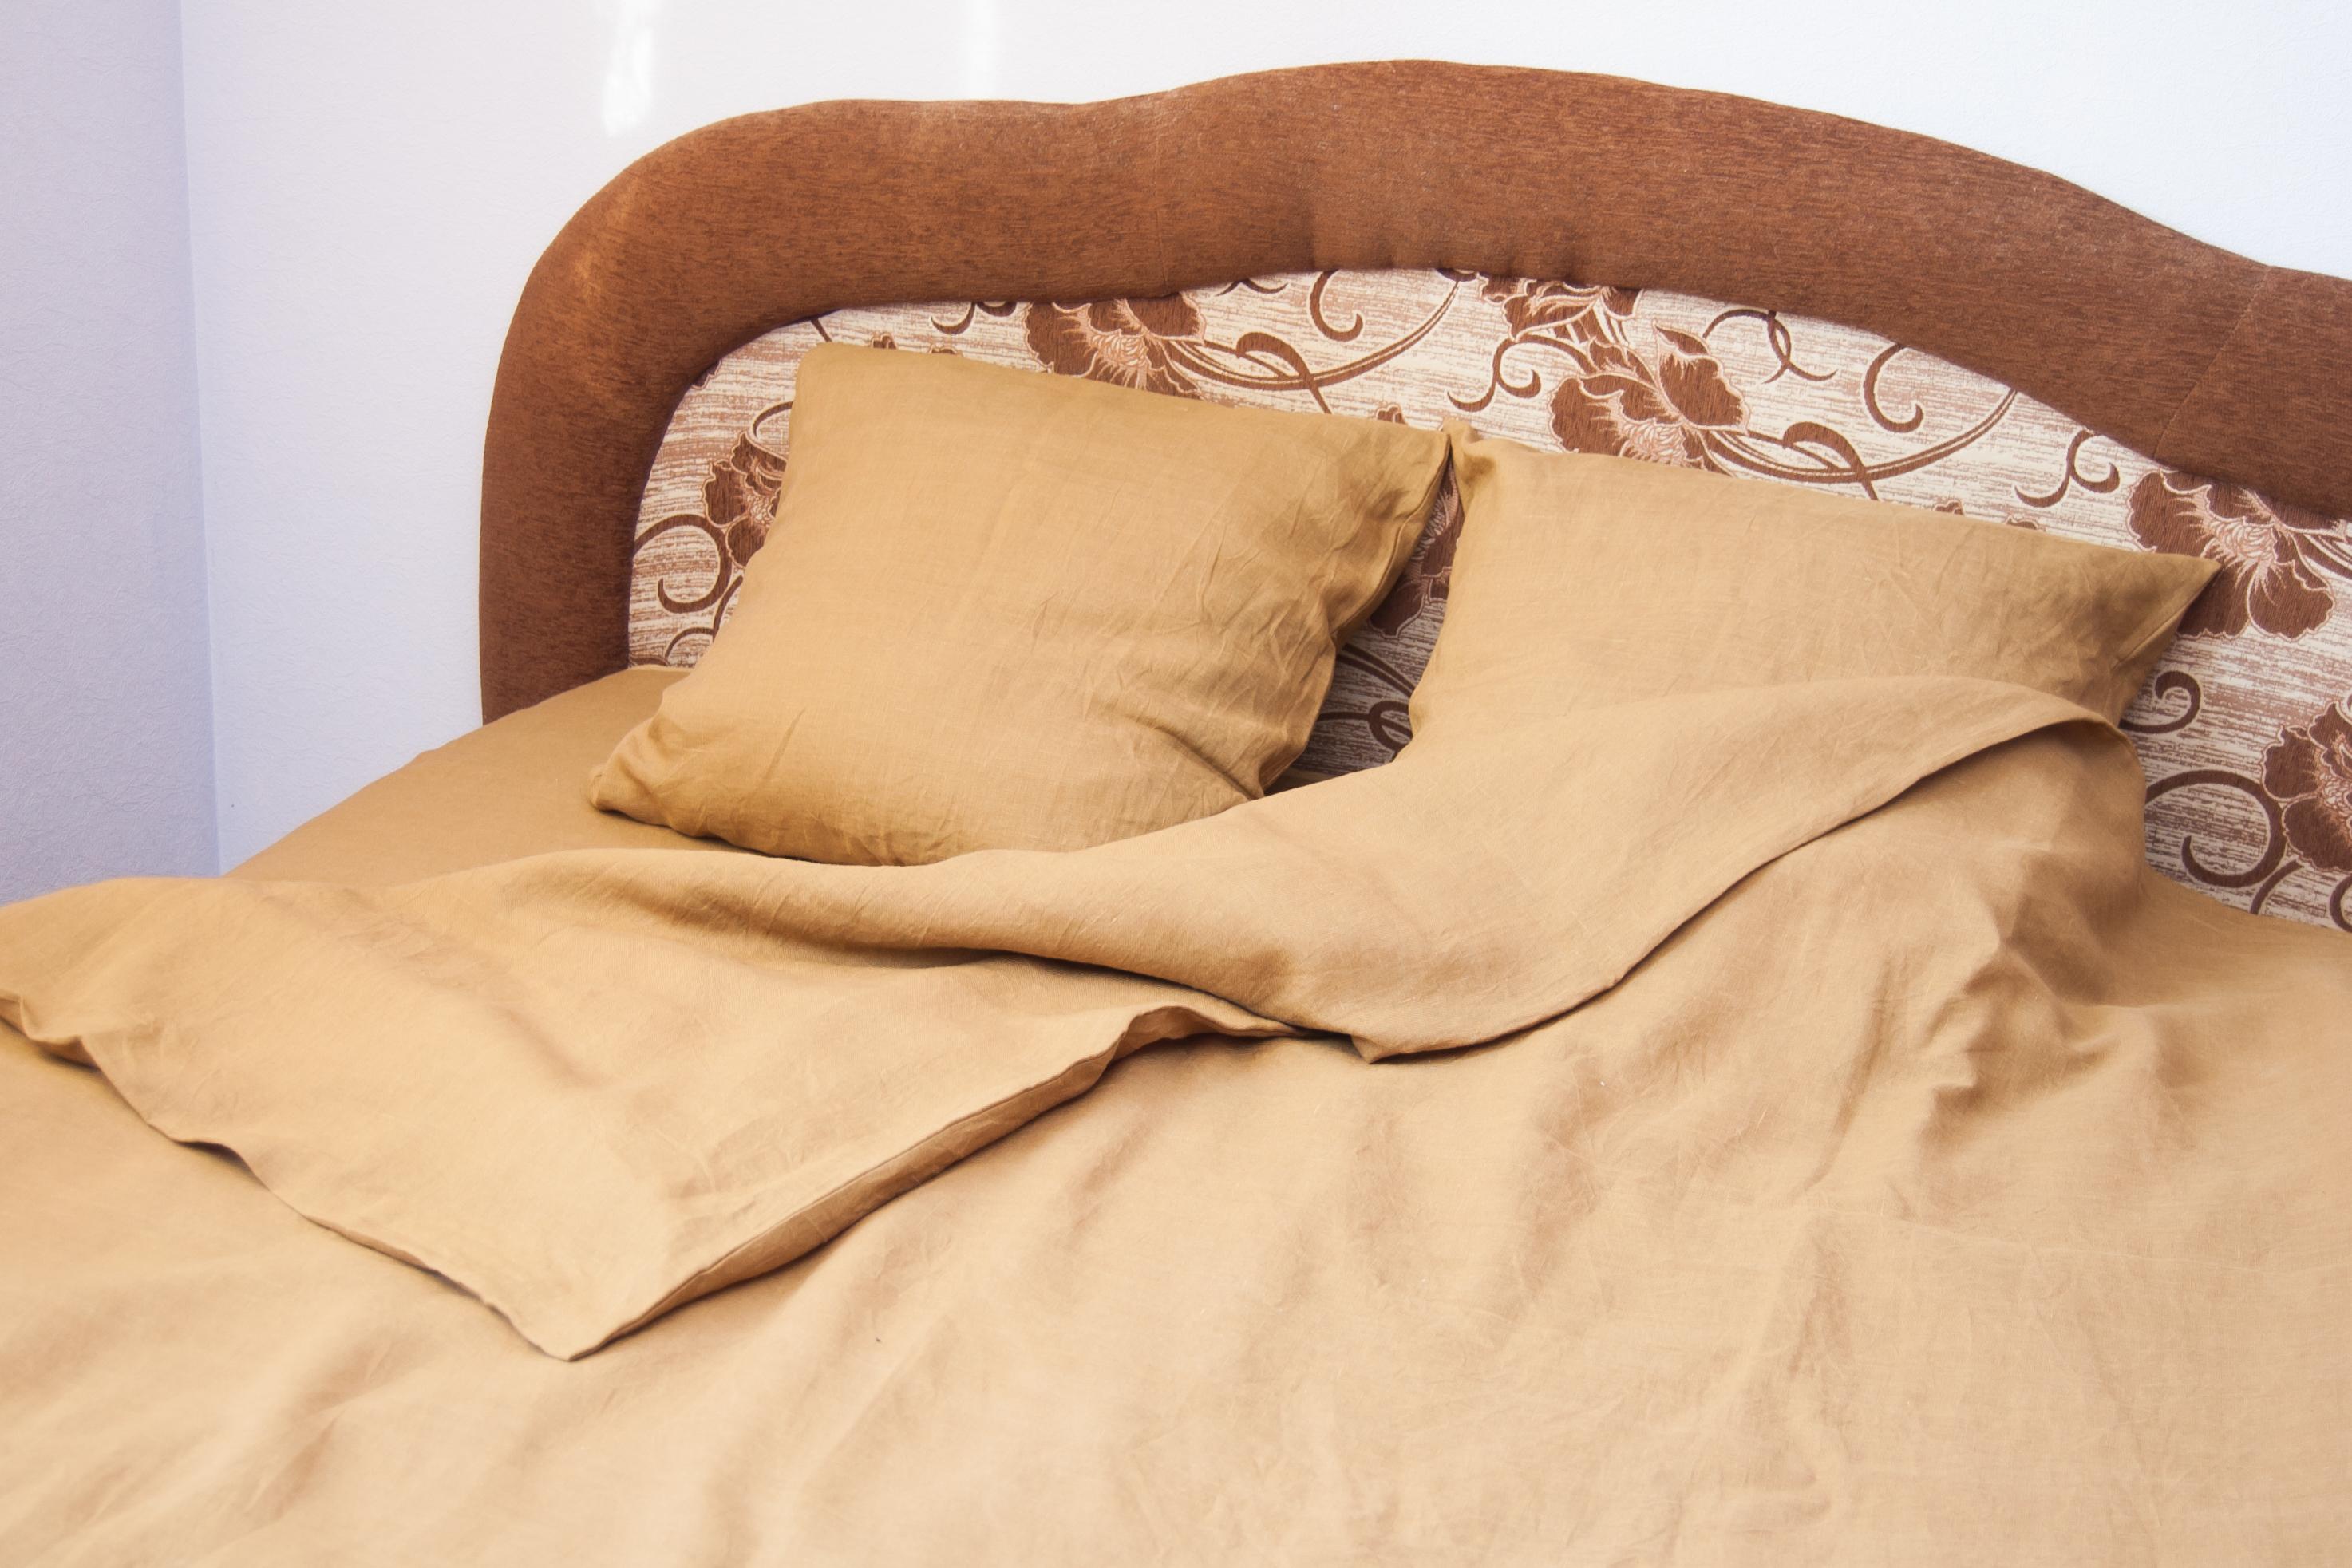 Фото Пошив постели, тюли штор под Ваши размеры 2